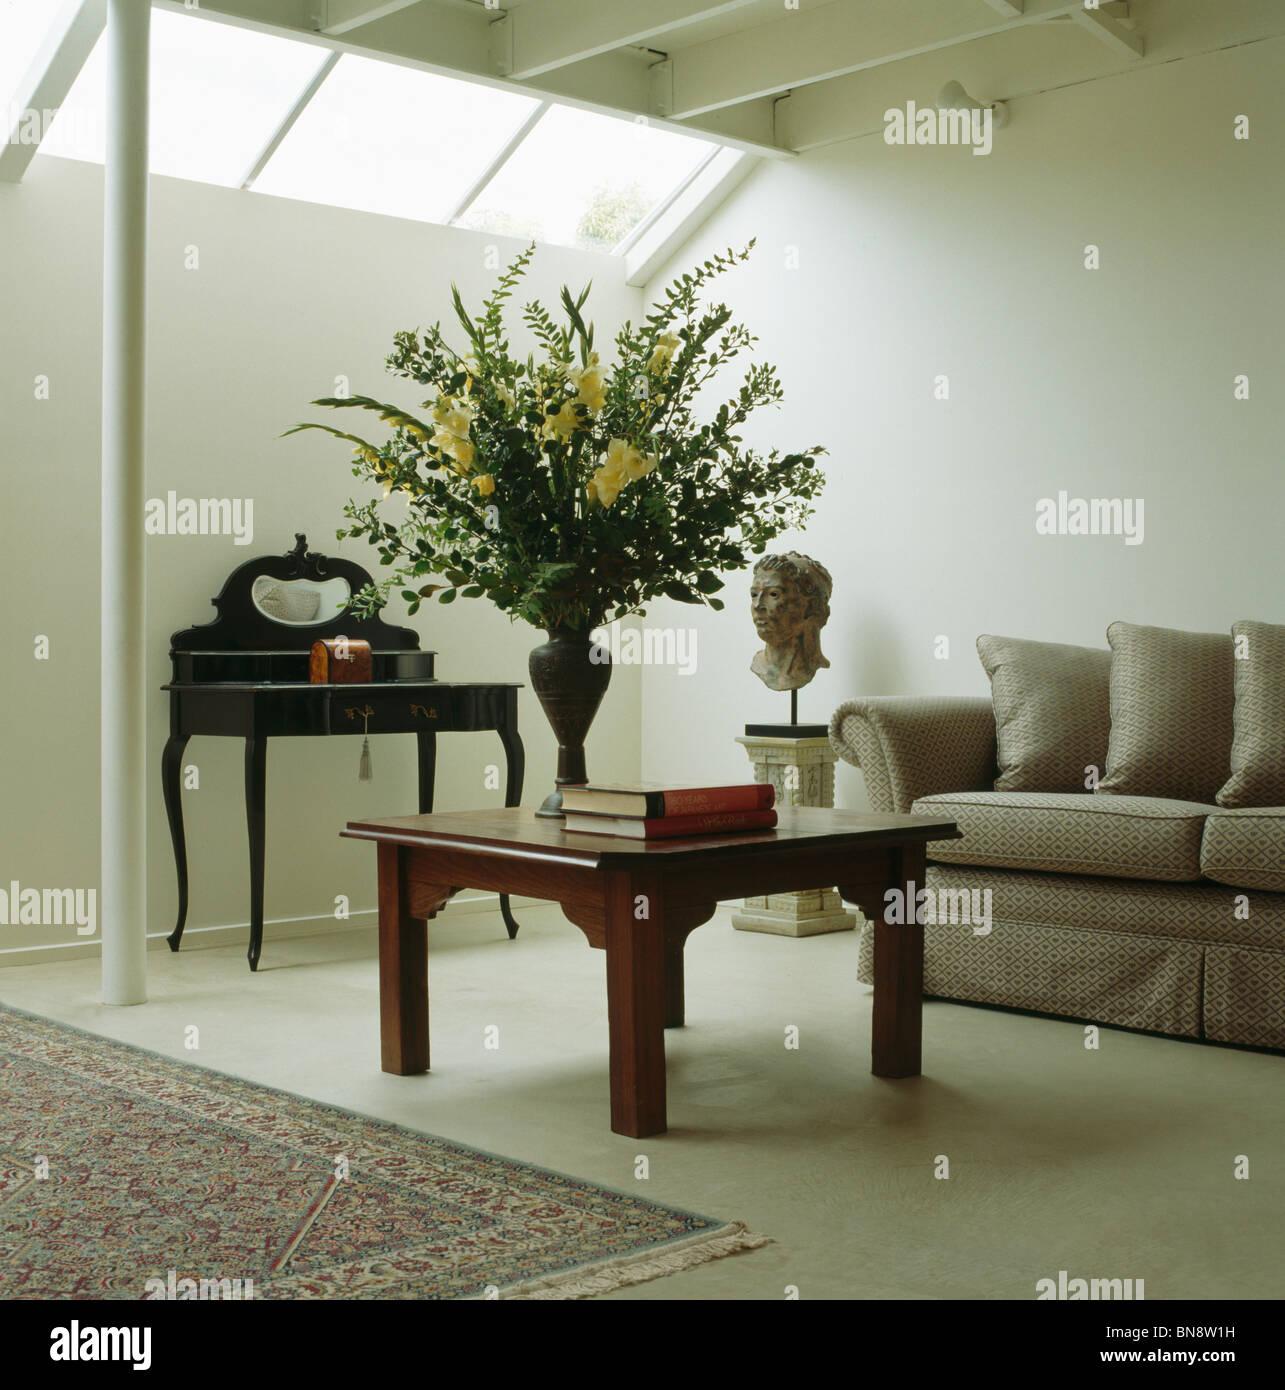 Große Blumen Arrangement Am Couchtisch Aus Holz Und Beige Sofa Im Modernen  Weißen Wohnzimmer Erweiterung Mit Weißer Bodenbelag